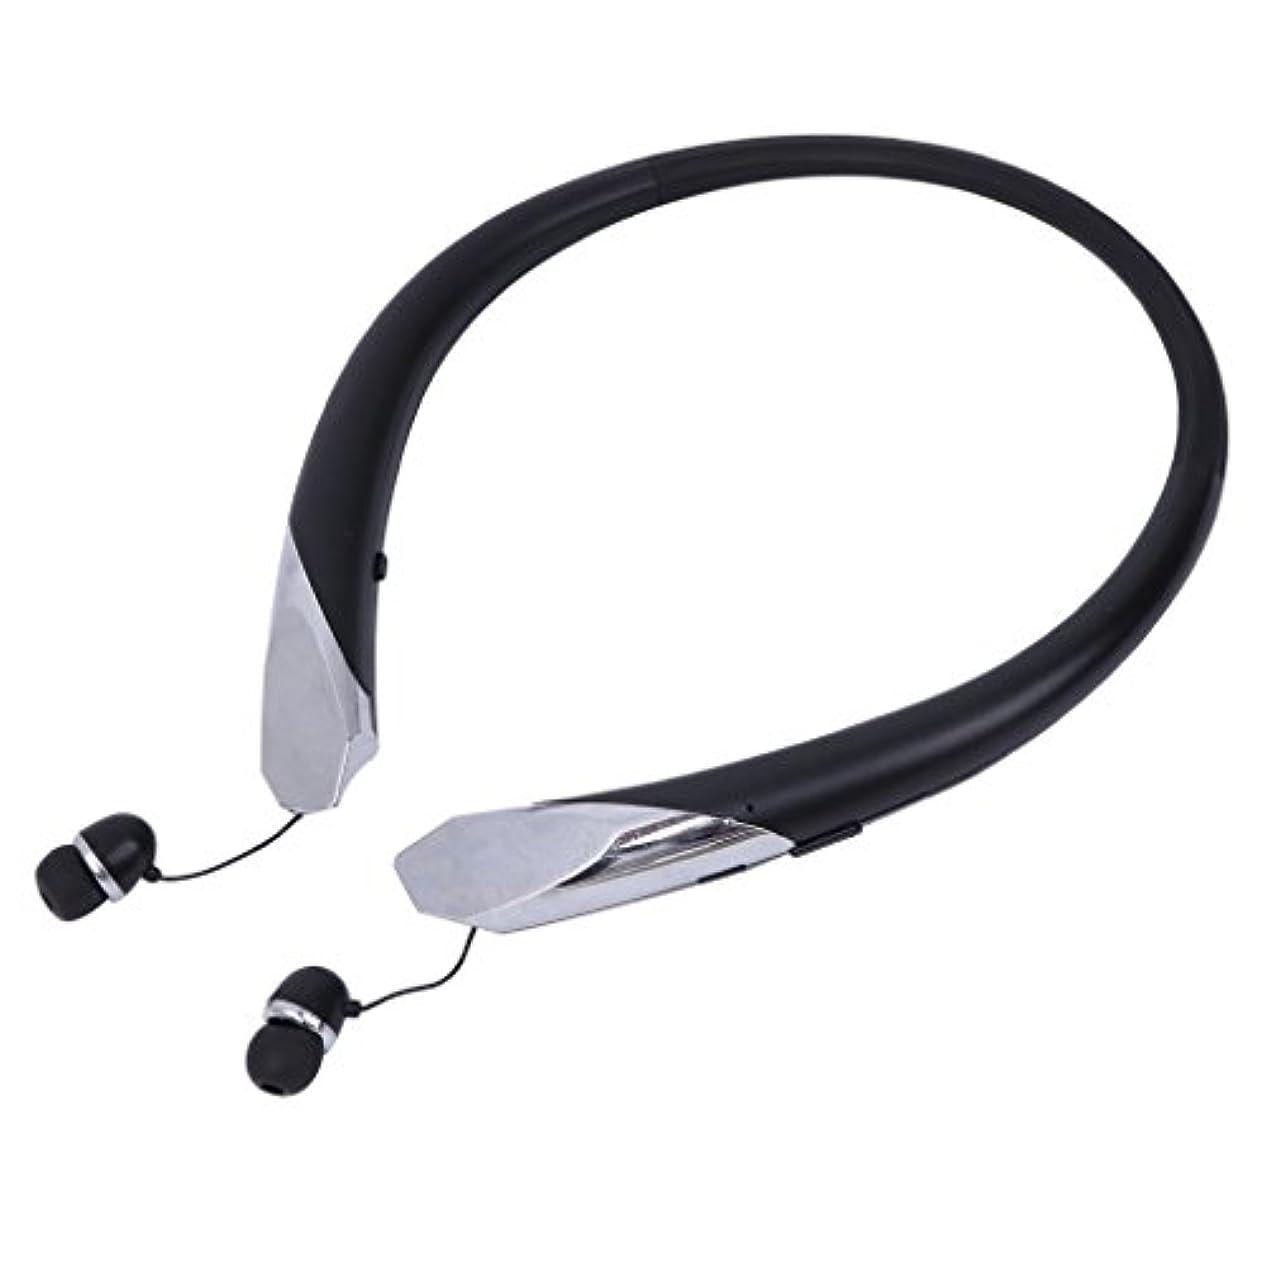 分数ウイルス群衆マスタリーBluetoothヘッドフォンネックバンドイヤホンiPhone用ワイヤレススポーツヘッドセットAndroid、ステレオサウンド、ノイズキャンセリング、エクササイズ用イヤーイヤホン